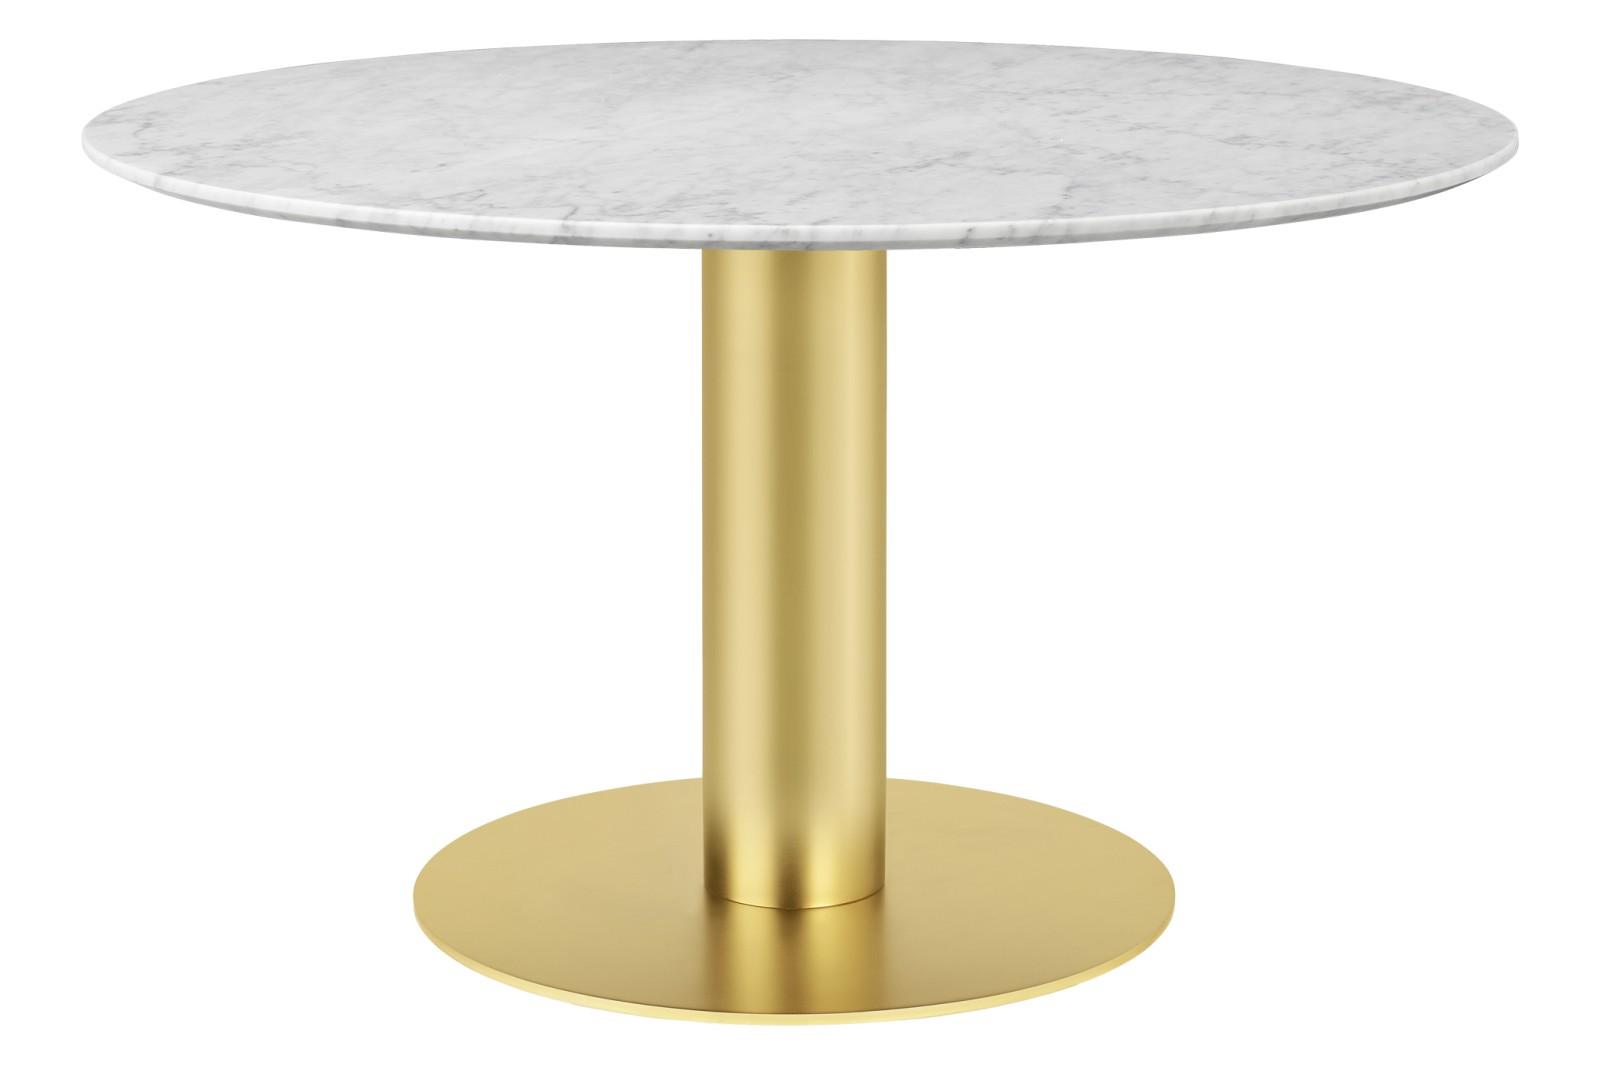 Gubi 2.0 Round Dining Table - Marble Gubi Metal Brass, Gubi Marble Bianco Carrara, Ø130